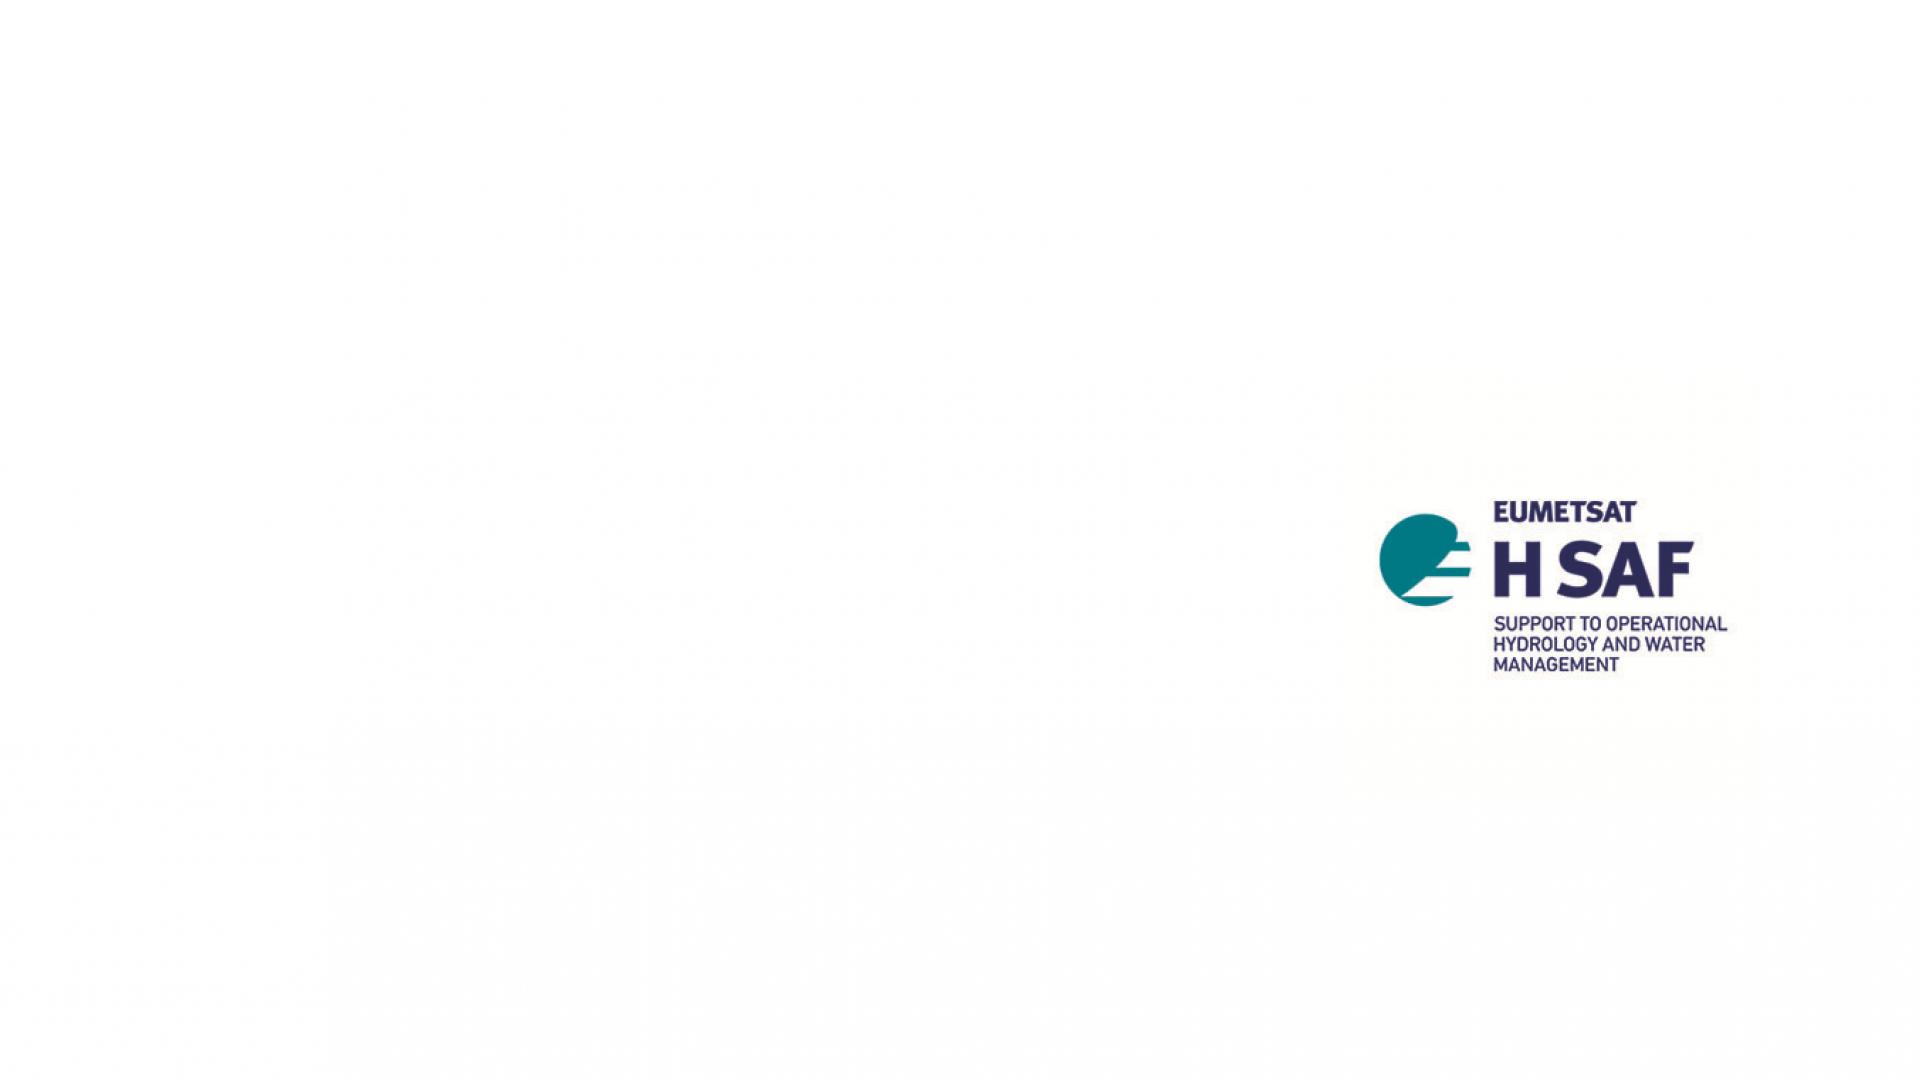 H SAF logo